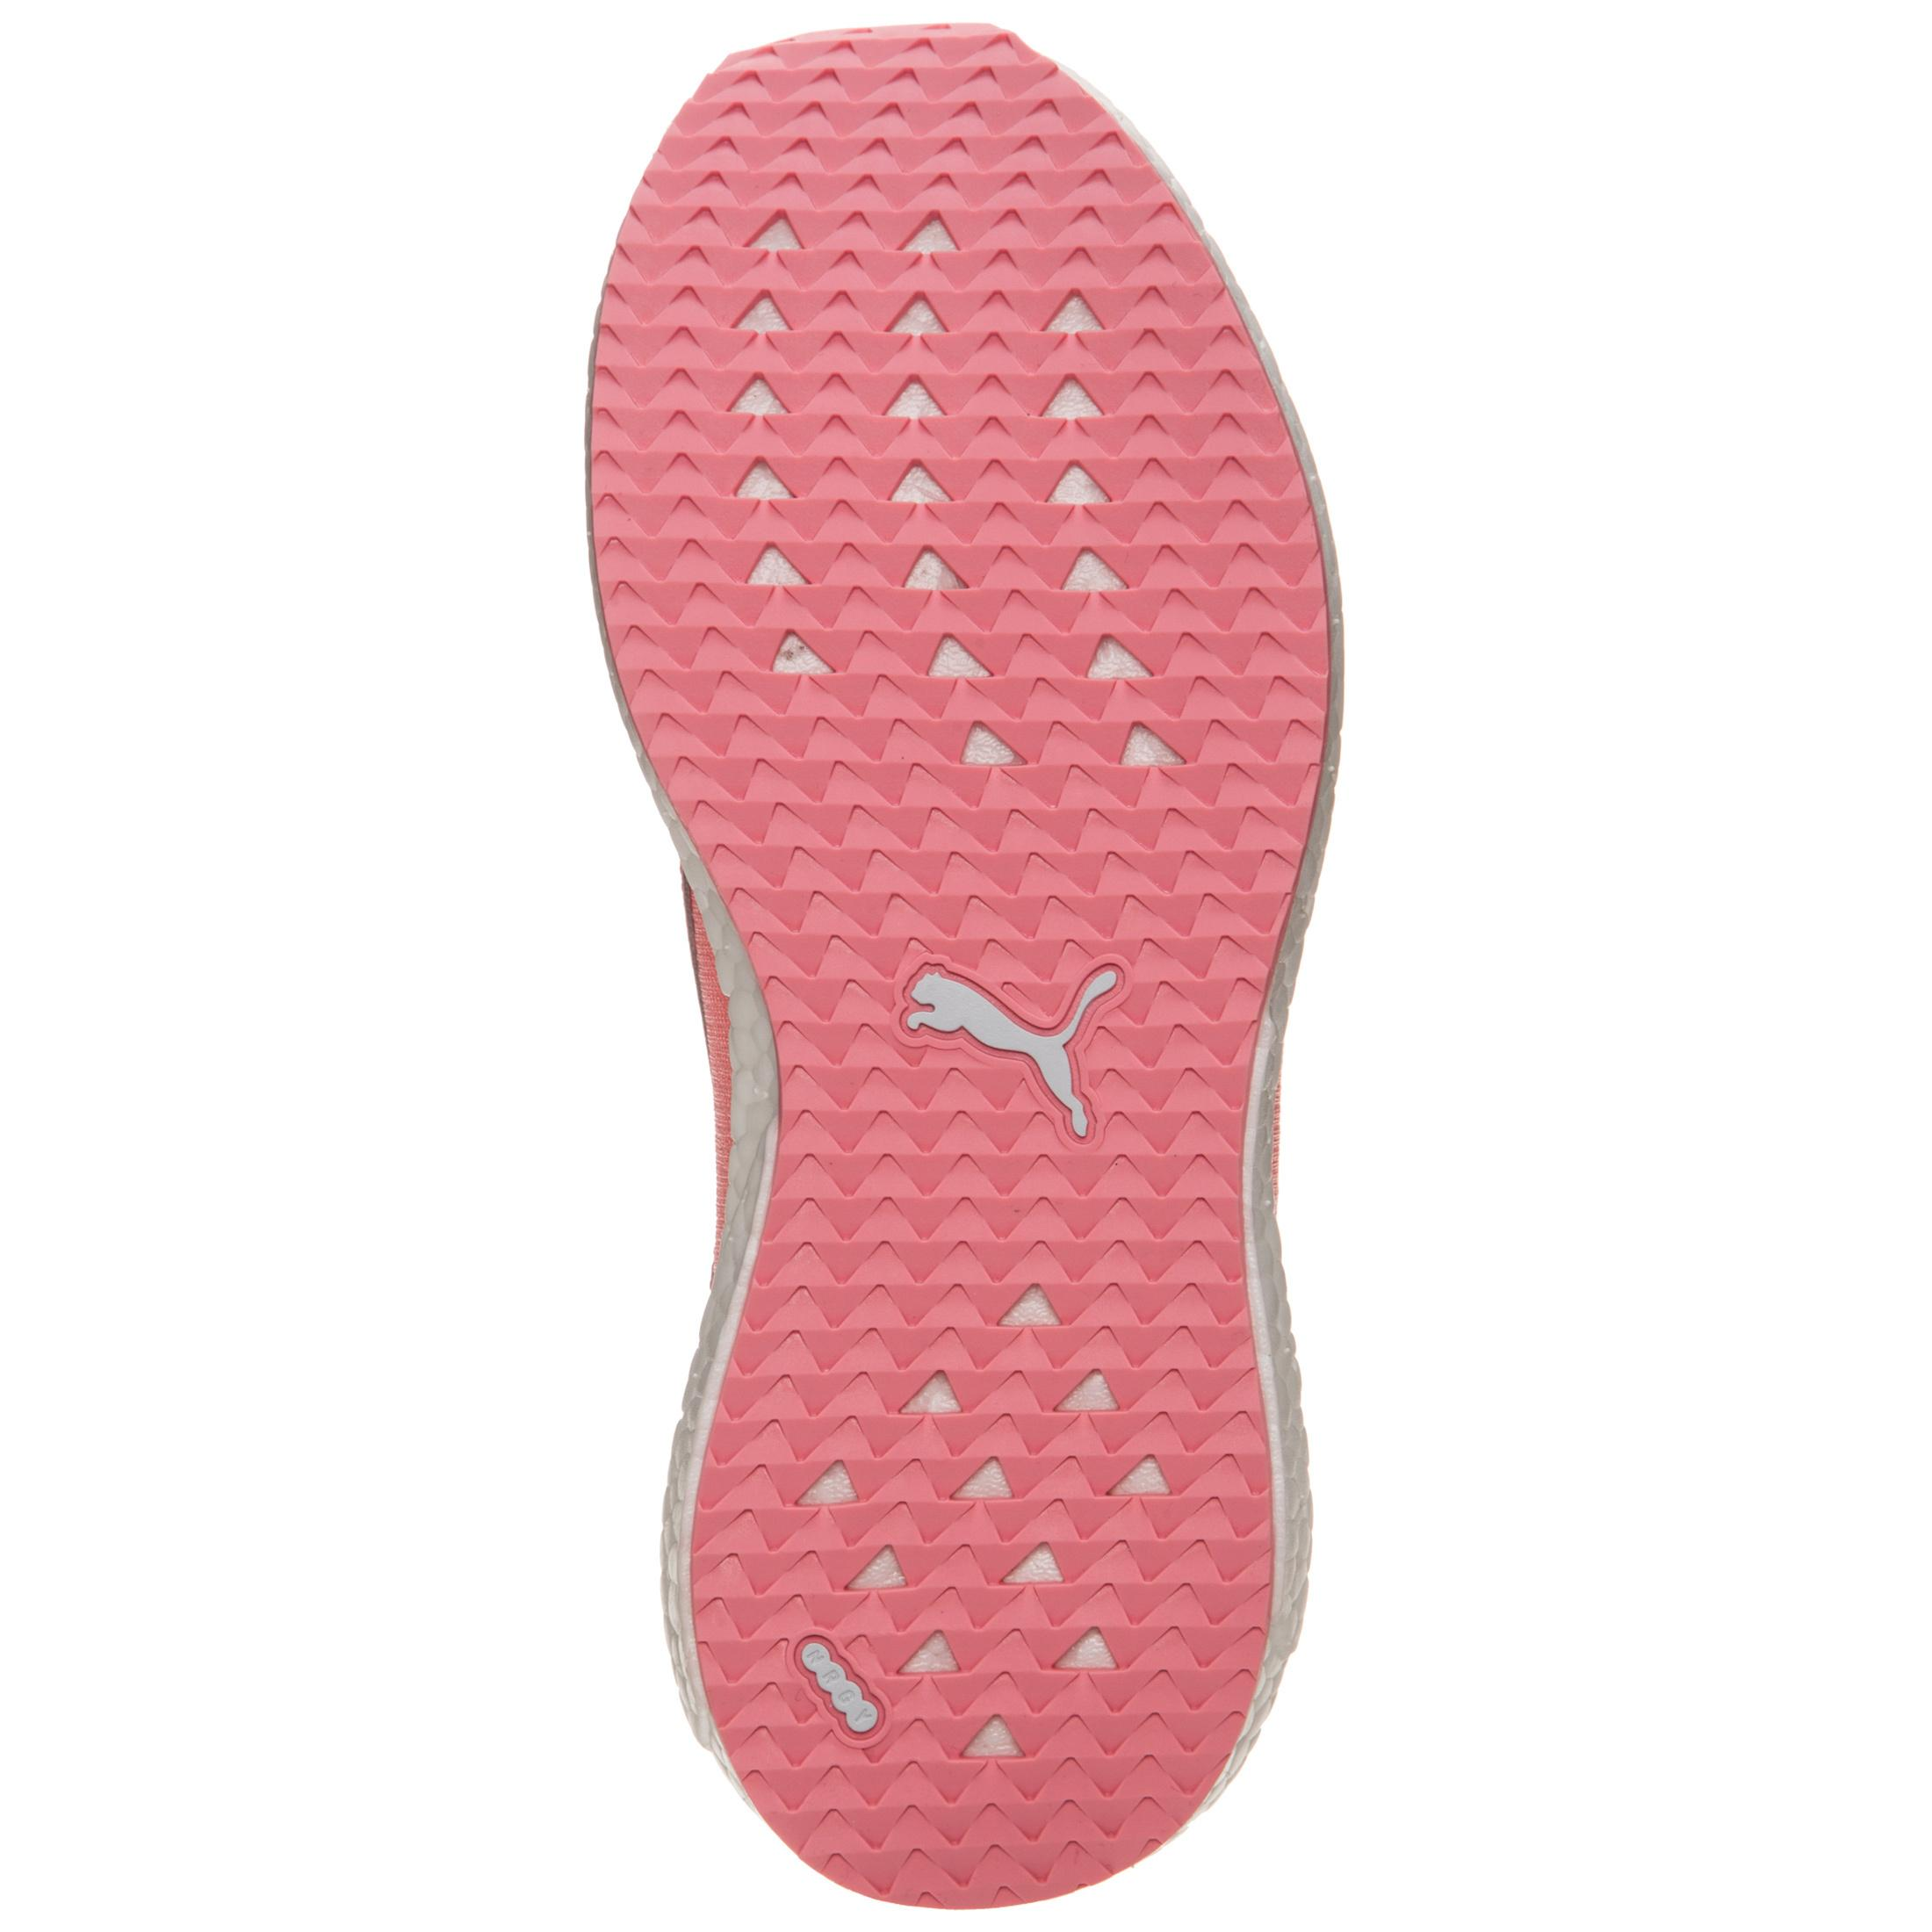 0dd9f7662441 ... PUMA Mega Turnschuhe NRGY Knit Turnschuhe Mega Damen rosa   weiß im  Online Shop von SportScheck ...